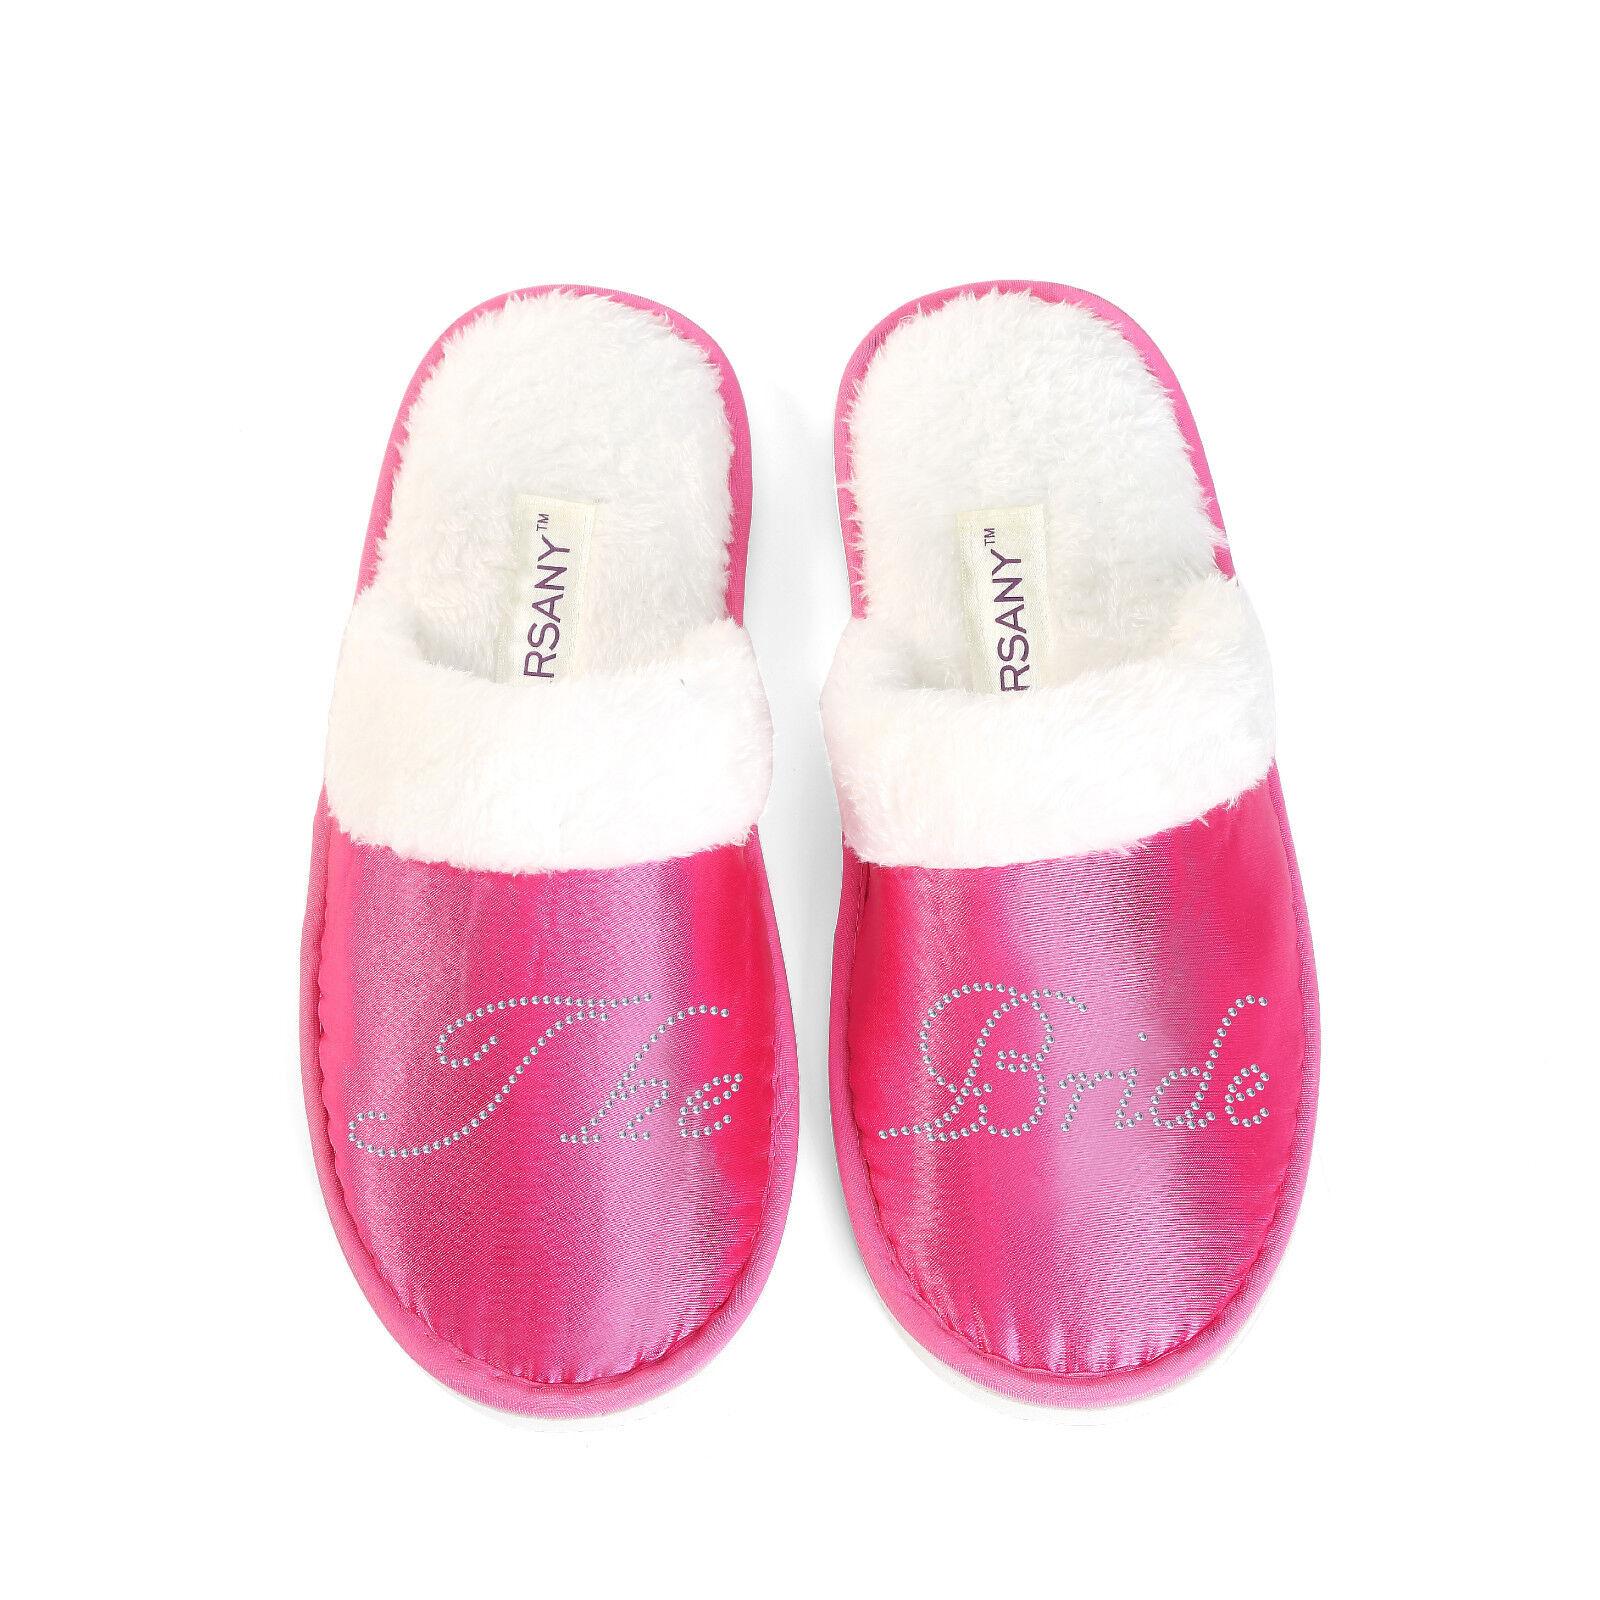 PERSONALIZZATA Lusso Cristallo Rosa nubilato SPA Pantofole addio al nubilato Rosa 536ea2